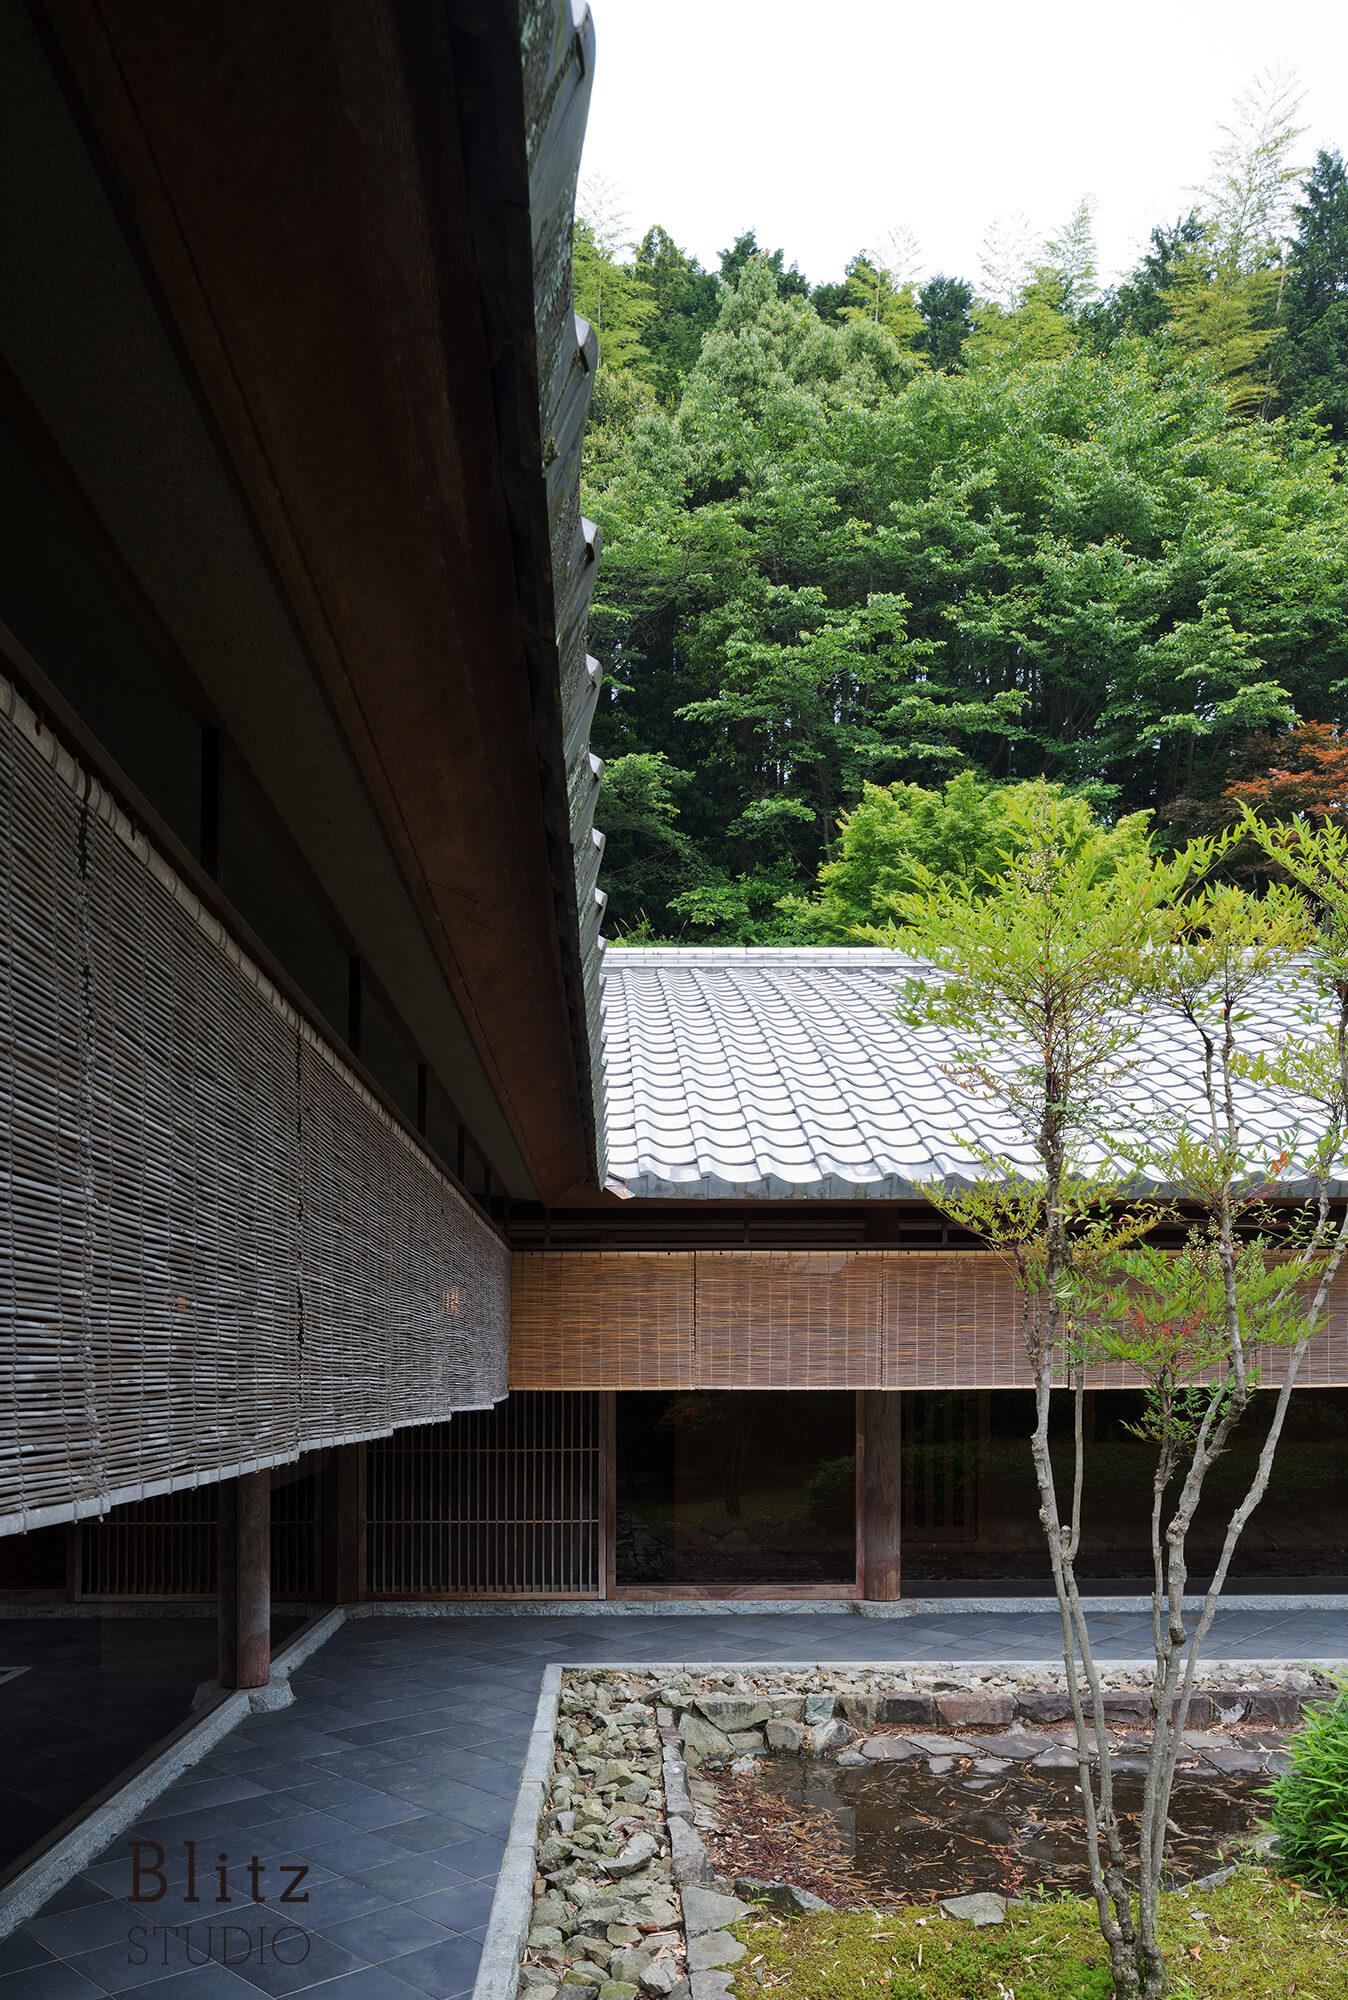 『宗像名残荘』建築写真・竣工写真・インテリア写真22